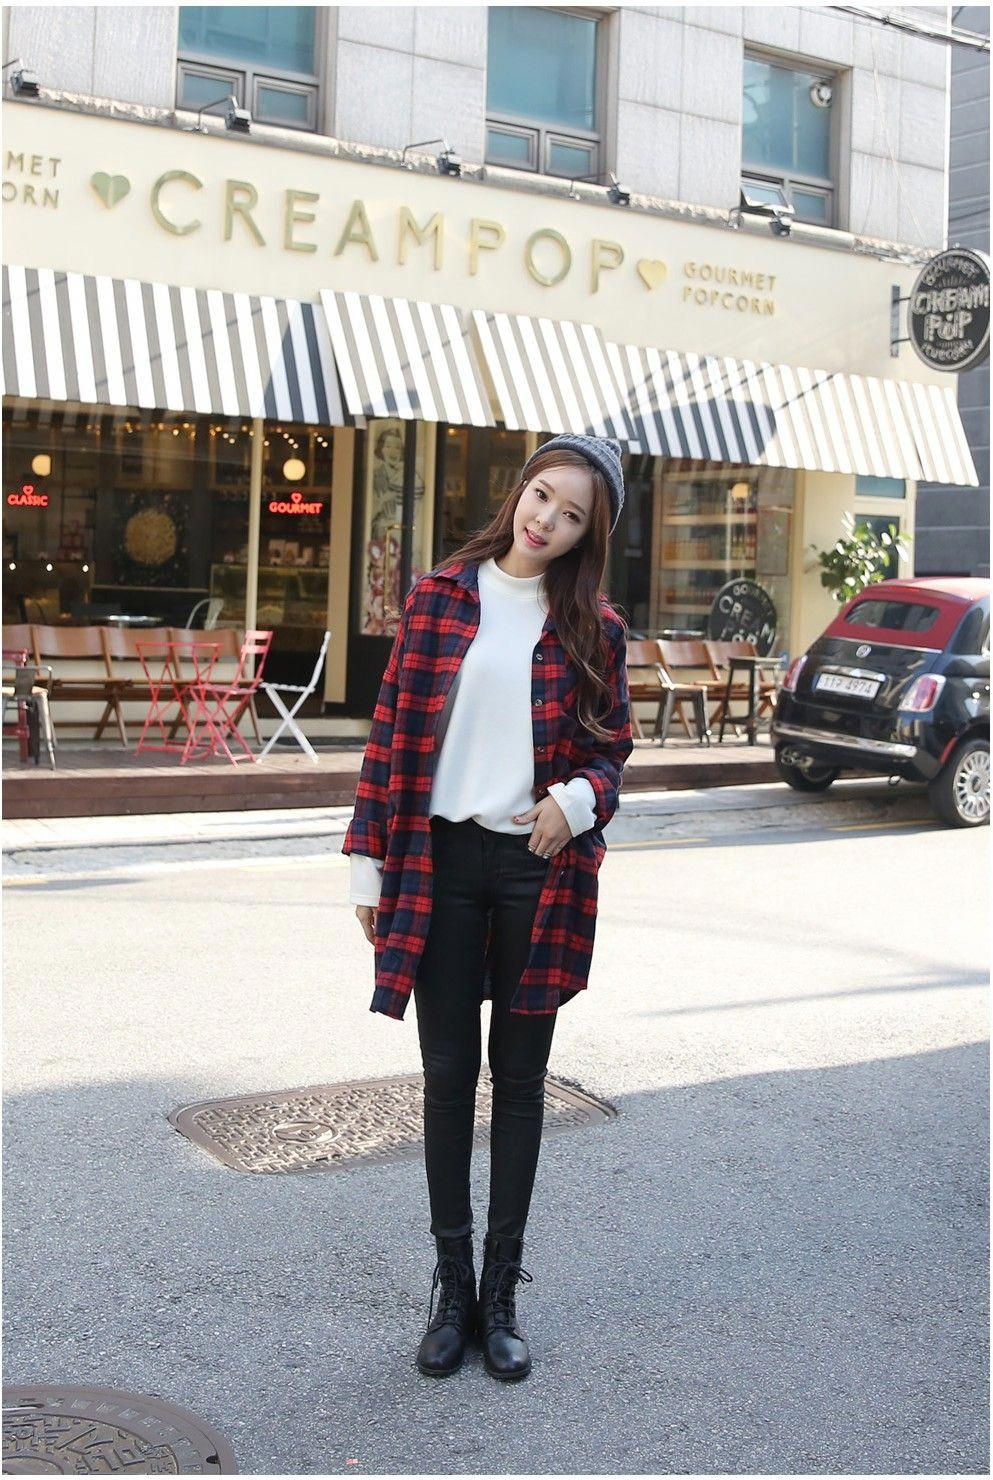 Hot selling winter Korea style cute female winter flannel